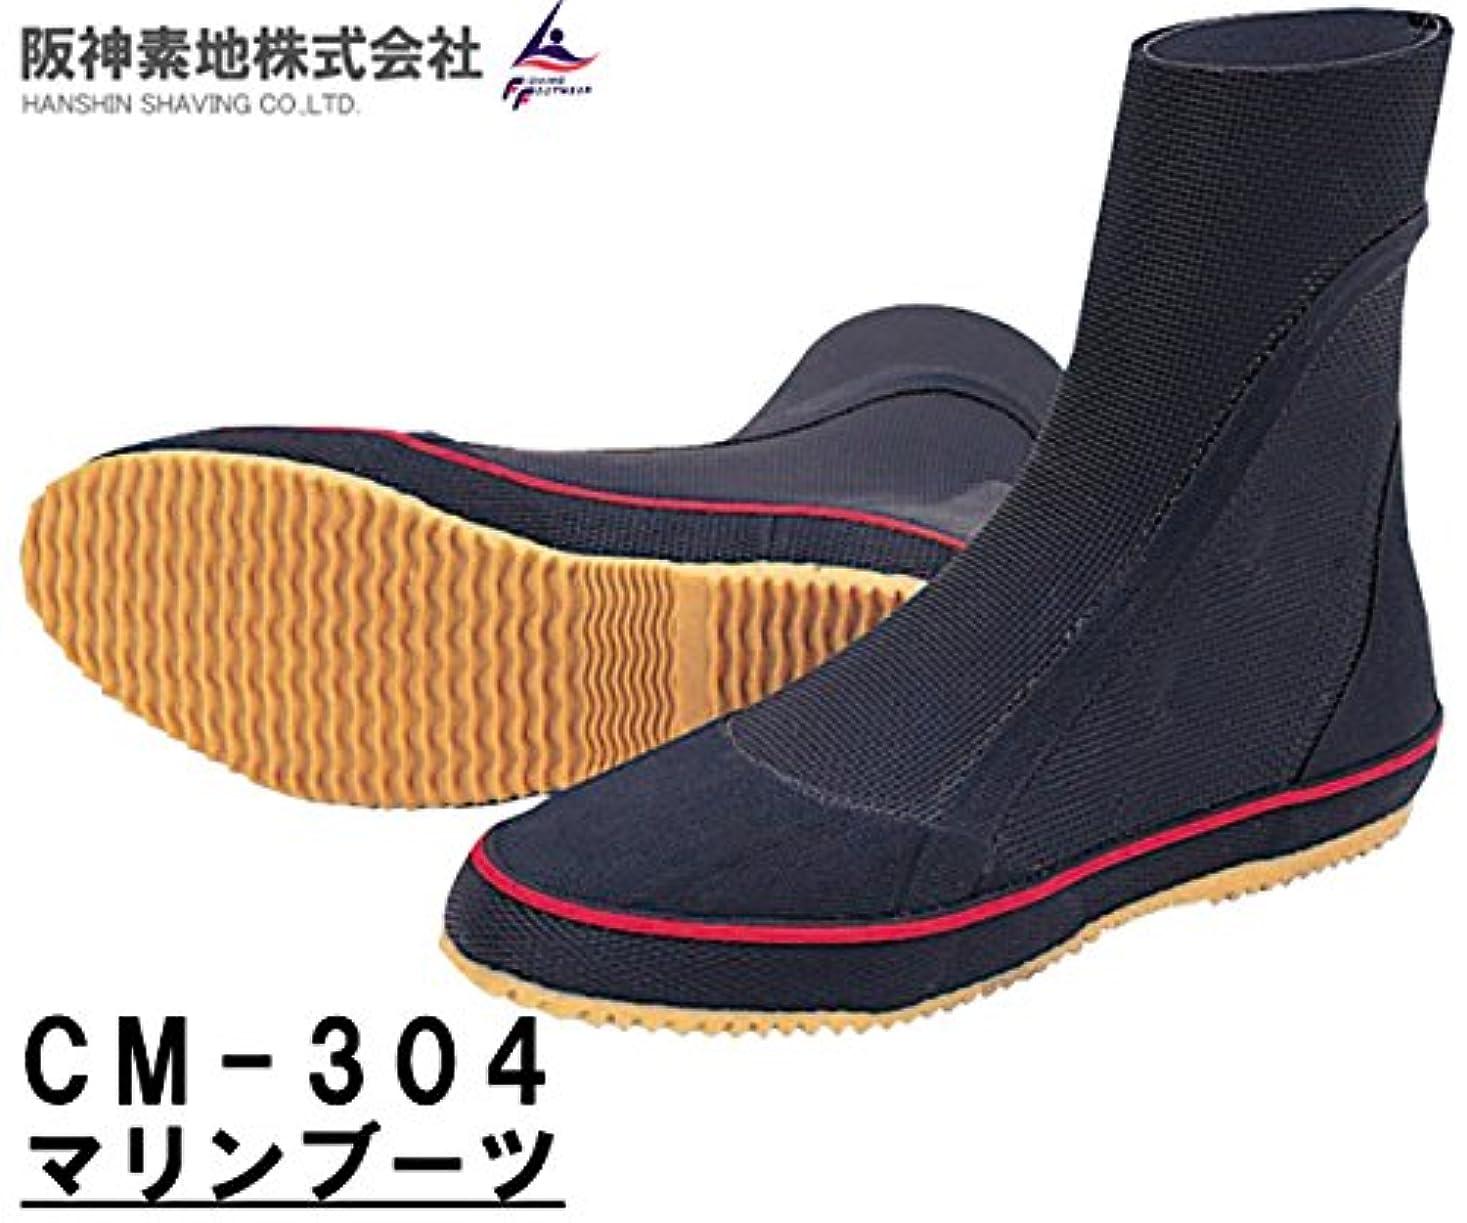 阪神素地(ハンシンキジ) CM304 マリンブーツ マリンシューズ